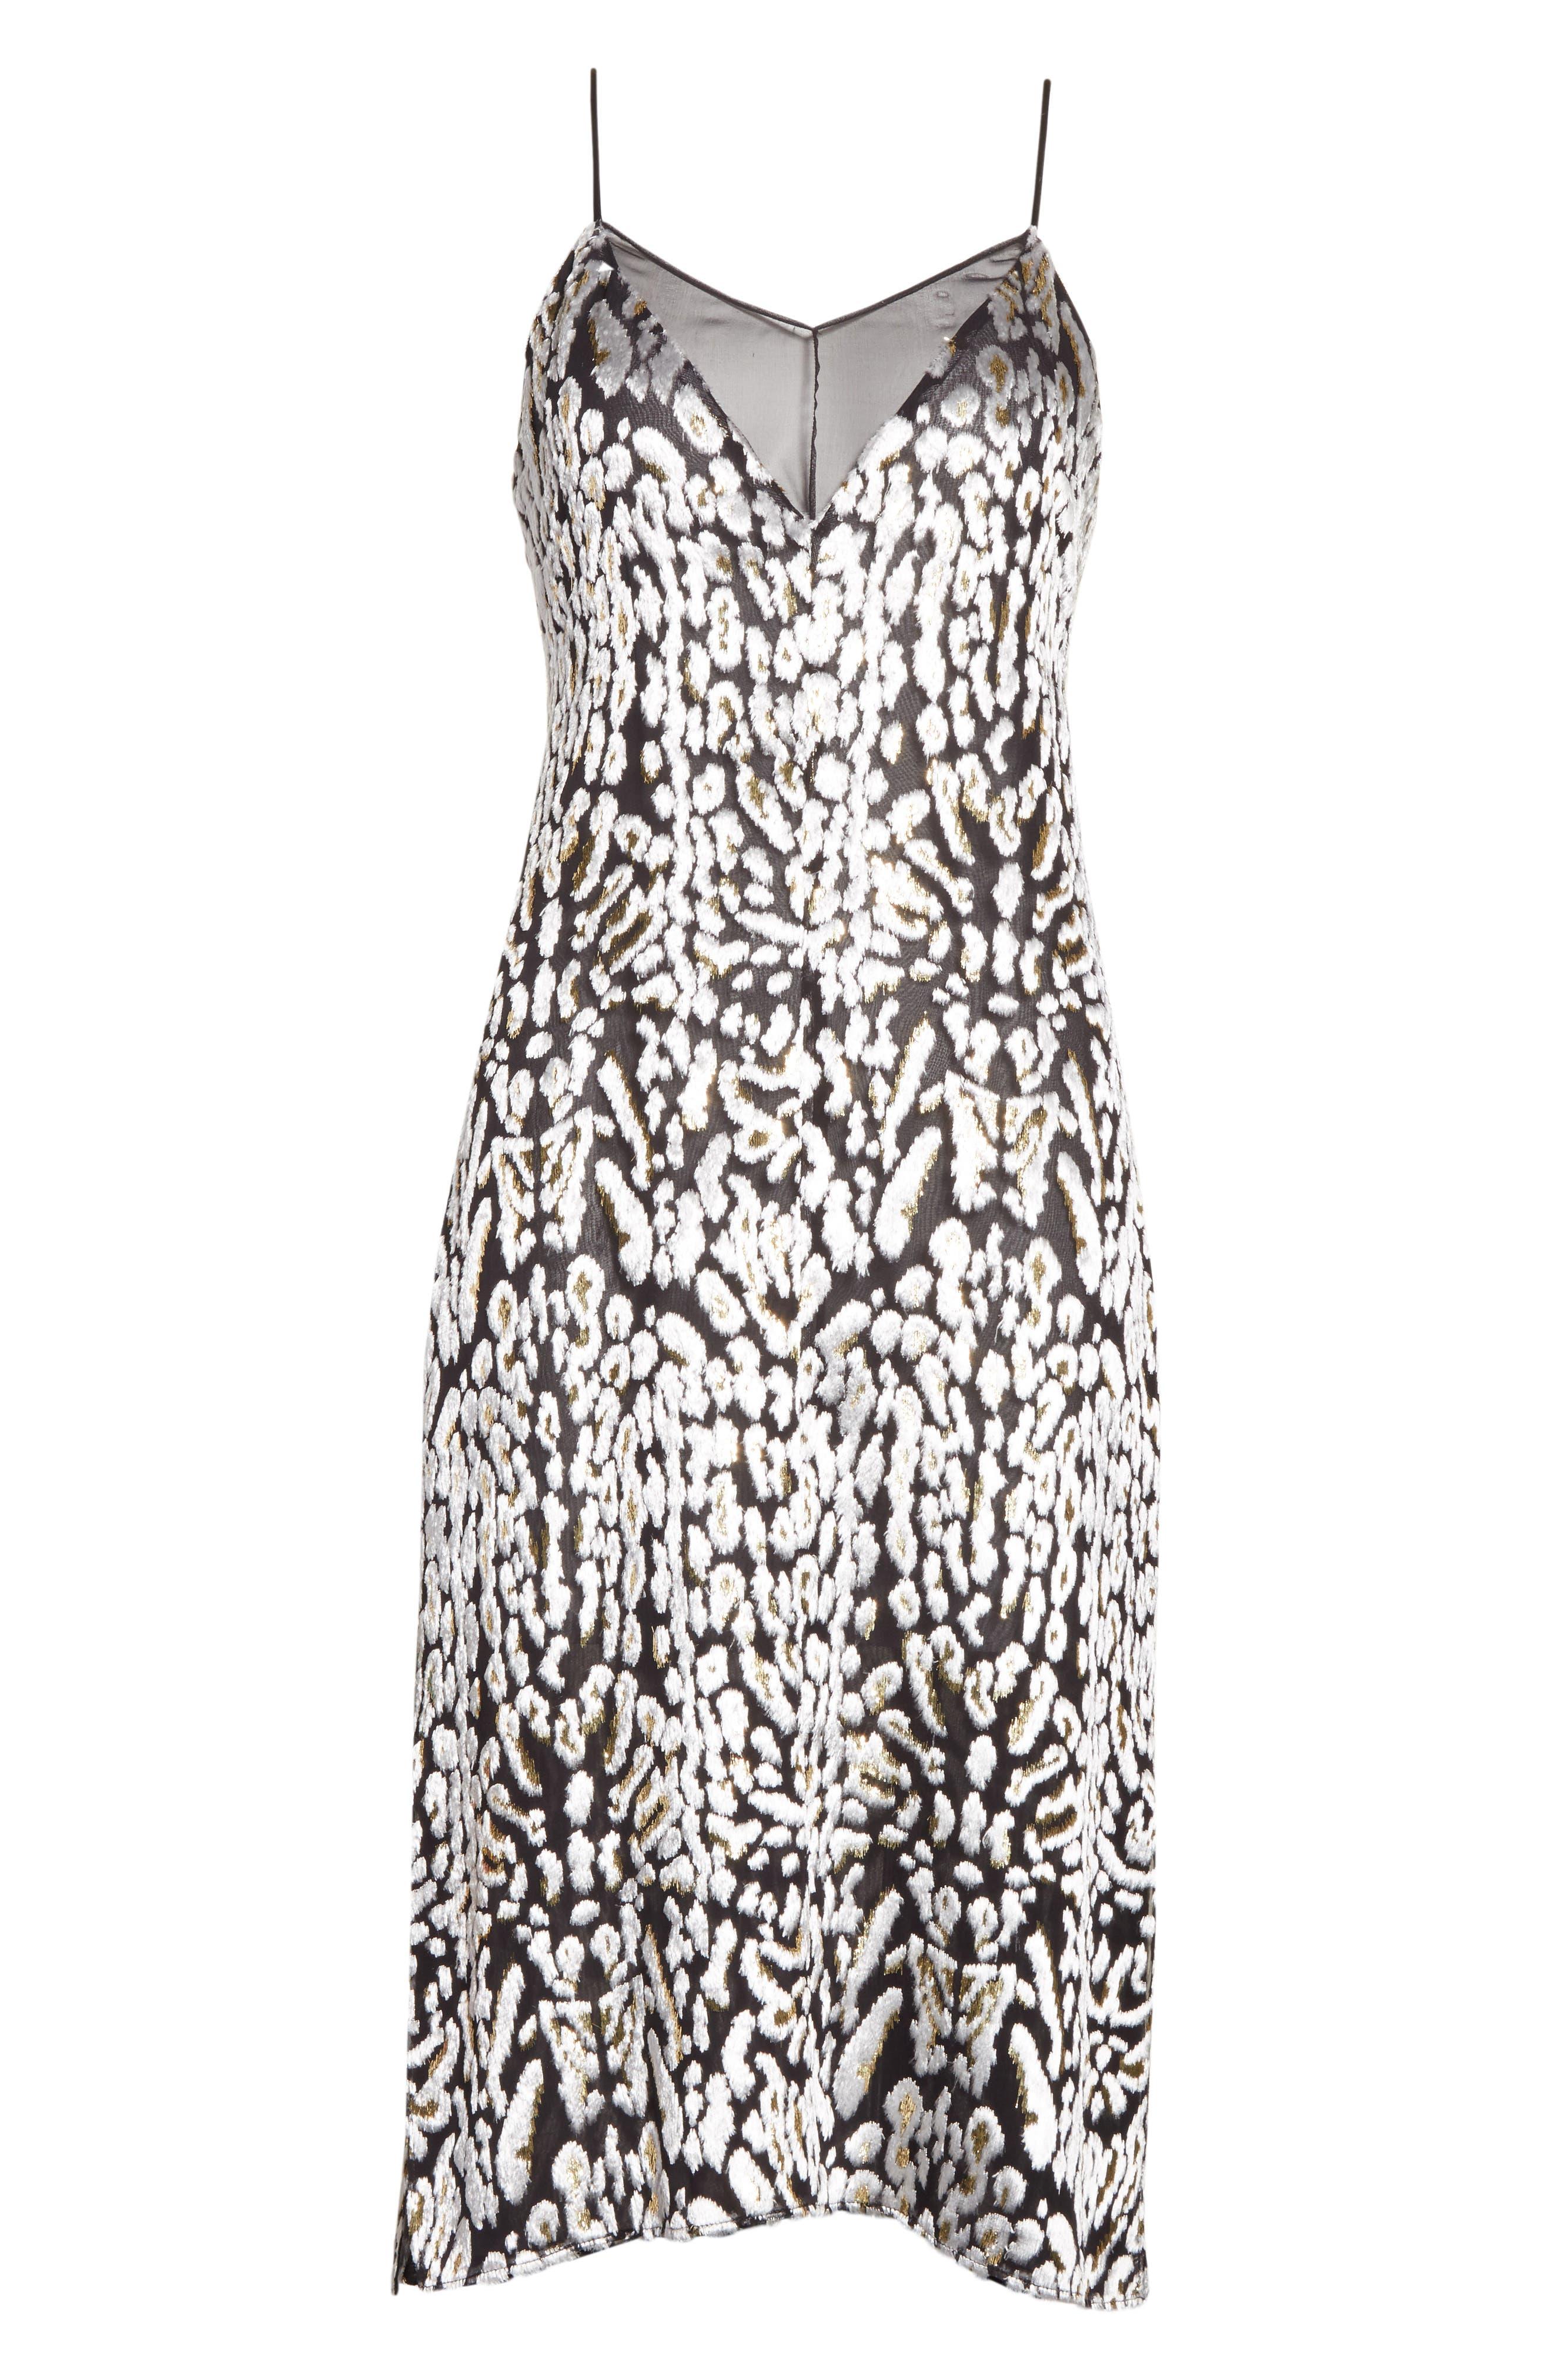 Ocelot Velvet Jacquard Dress,                             Alternate thumbnail 6, color,                             001